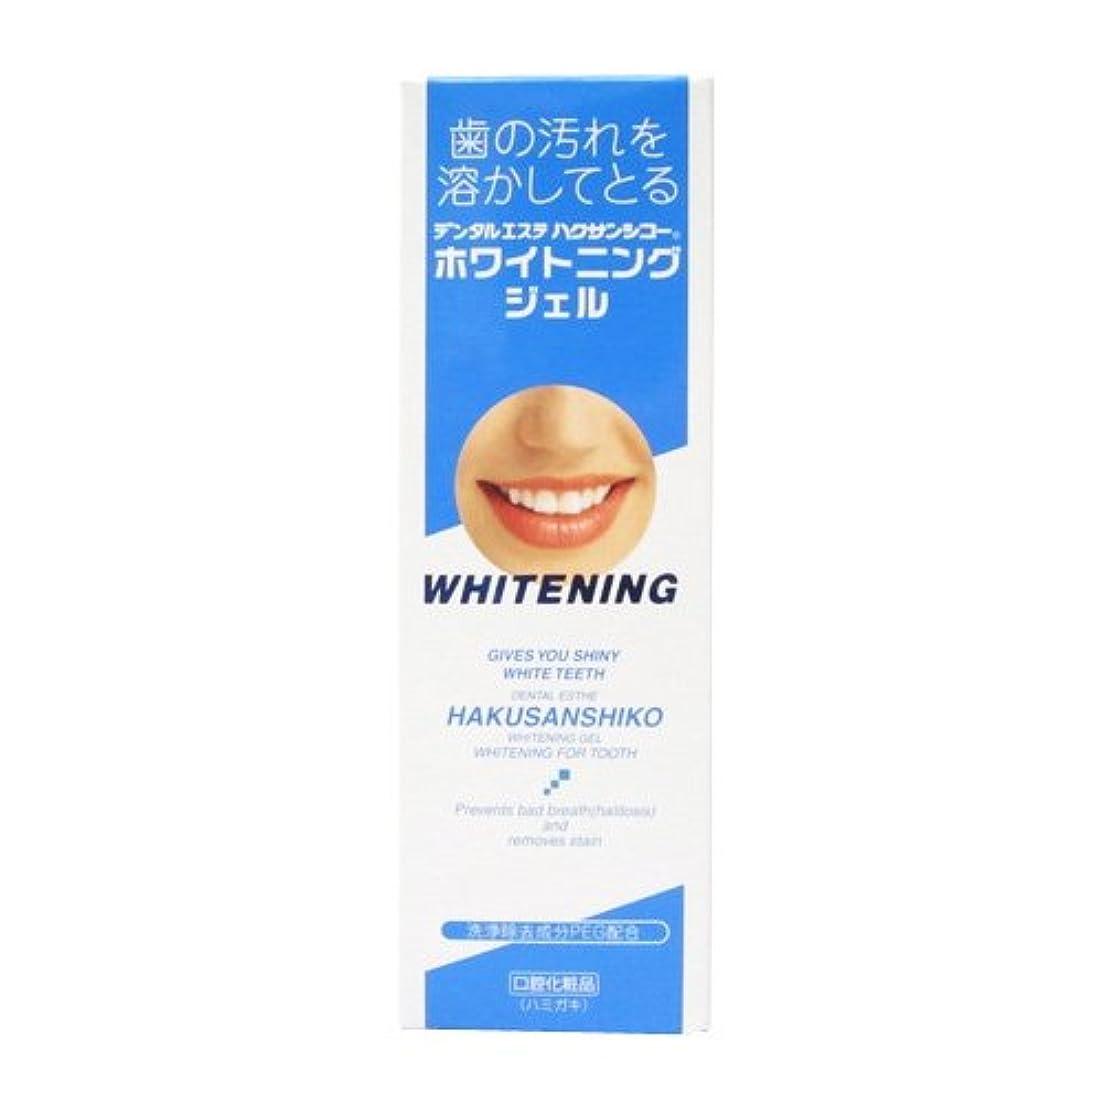 リボン頭蓋骨枕中薬 ハクサンシコー ホワイトニングジェル70g